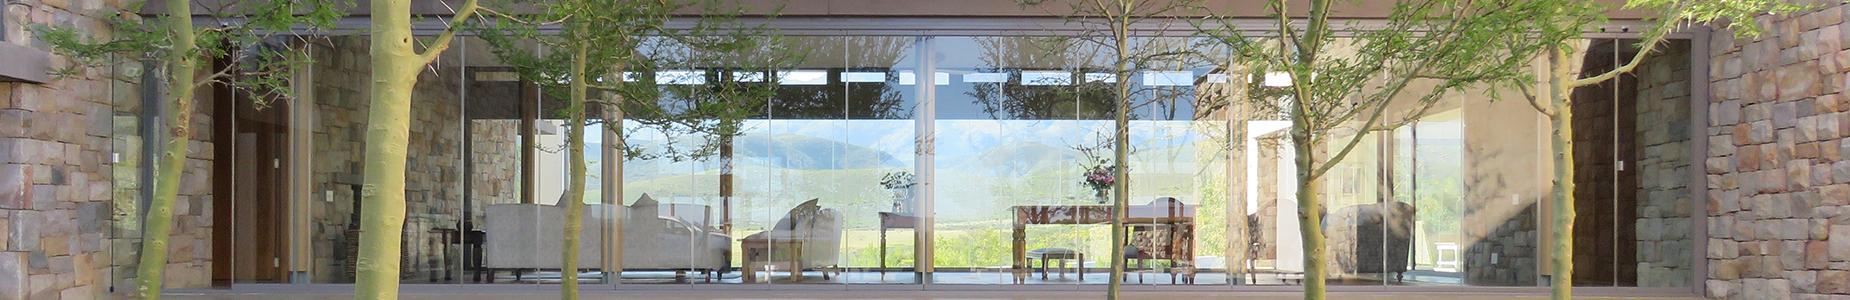 Frameless Glass System